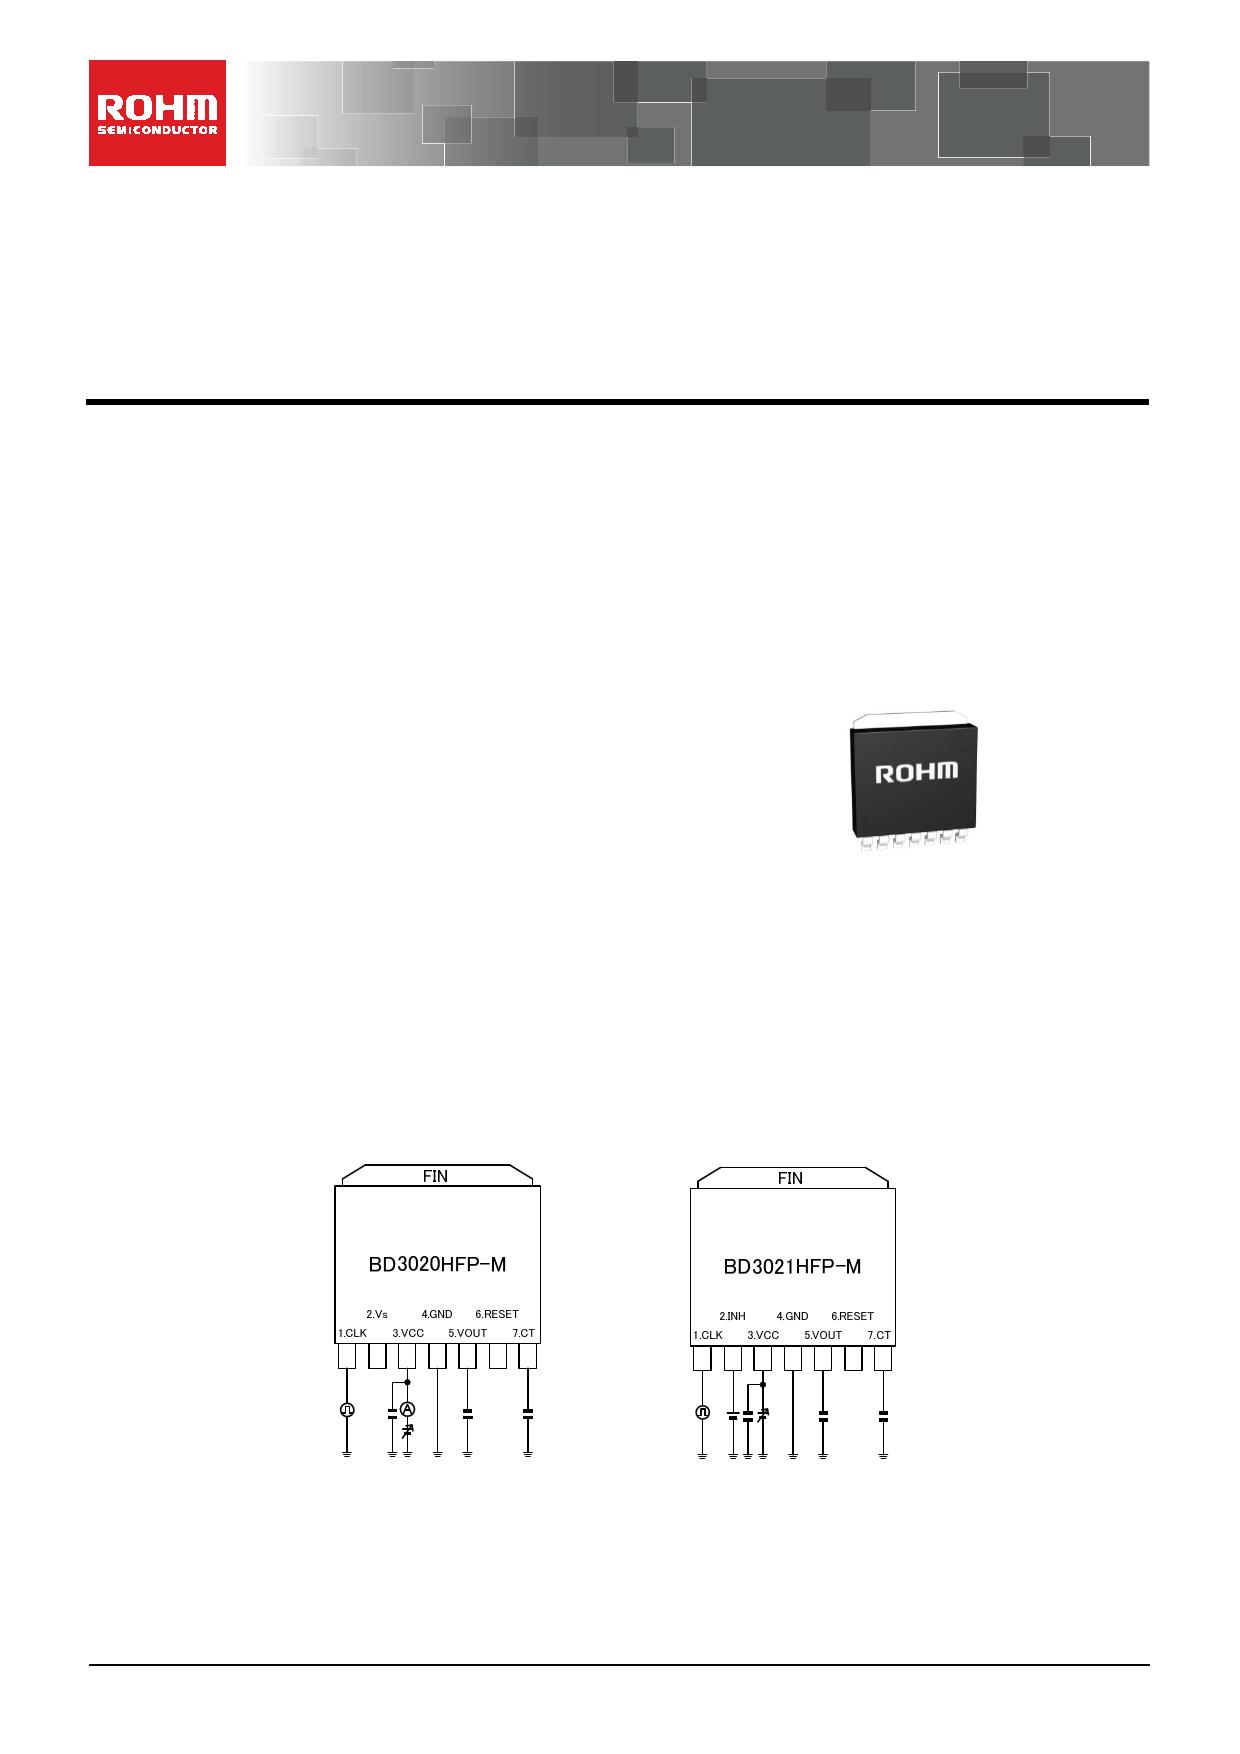 BD3021HFP-M datasheet